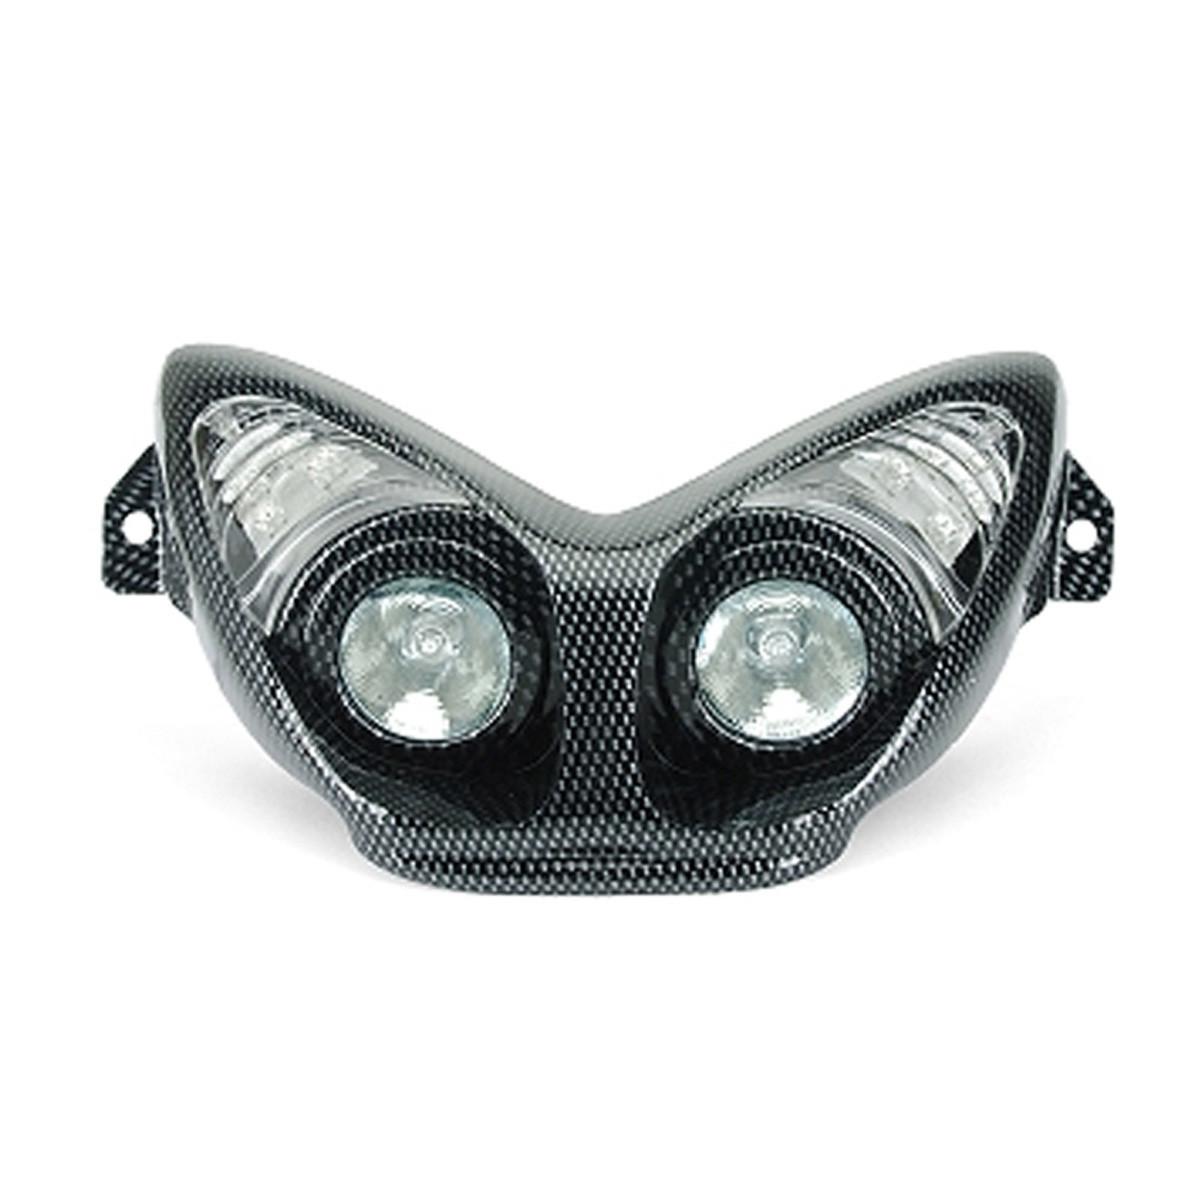 Double Optique + Clignotants MBK Nitro - YAMAHA Aerox